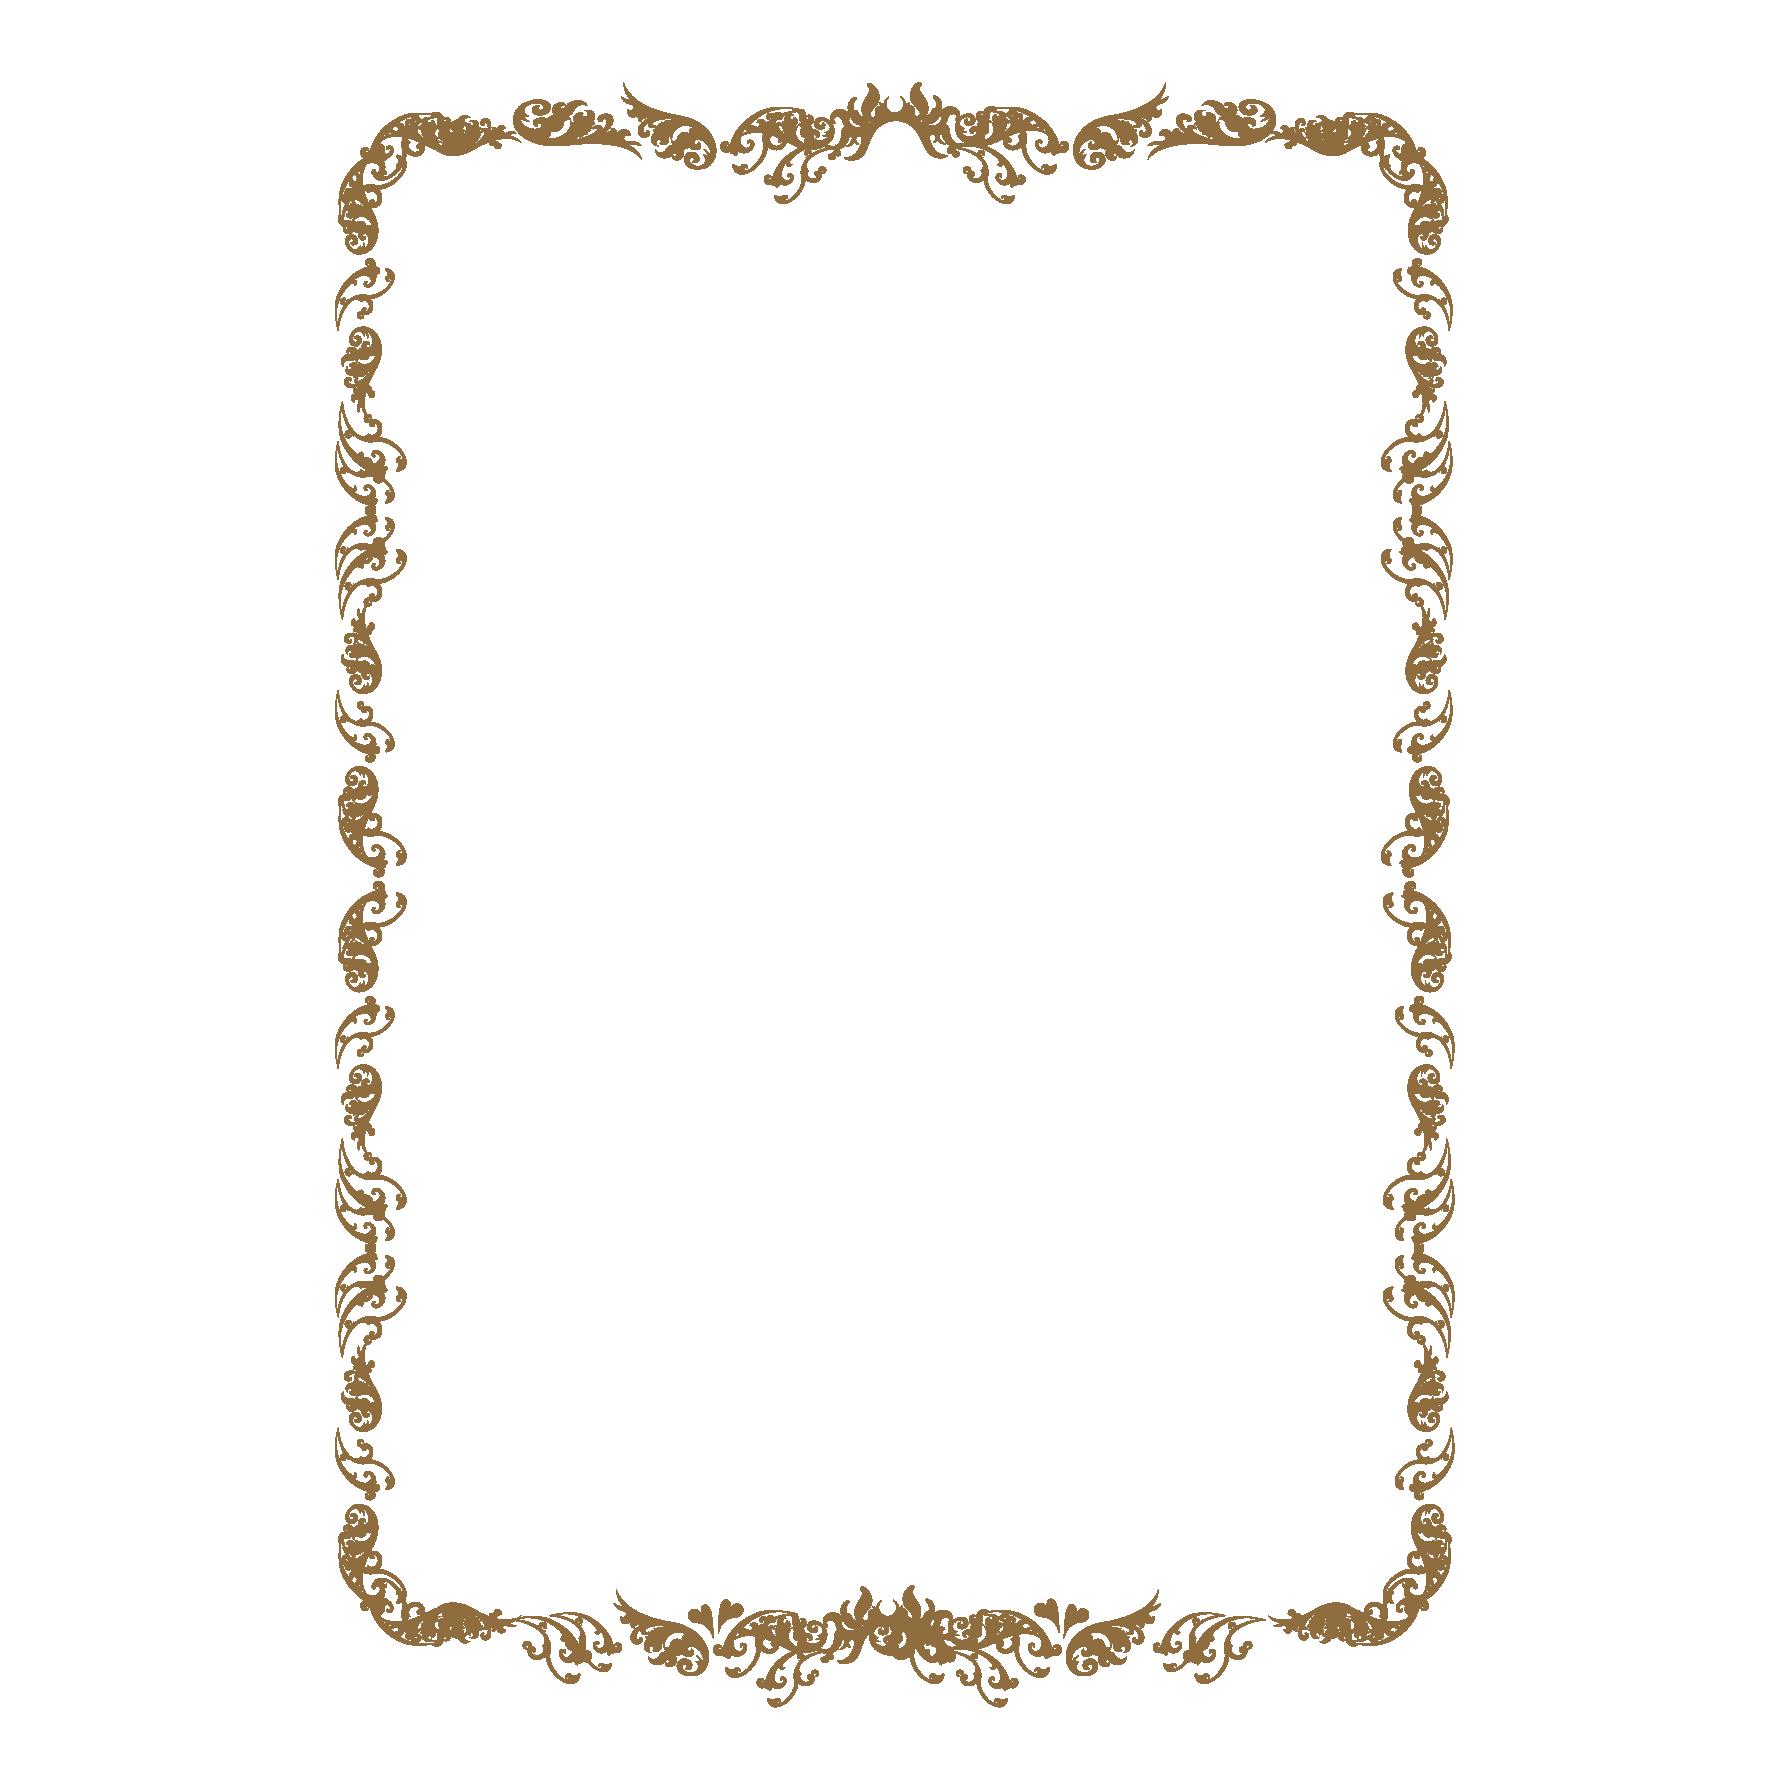 賞状表彰状の縦フレームのテンプレートイラスト 商用フリー無料